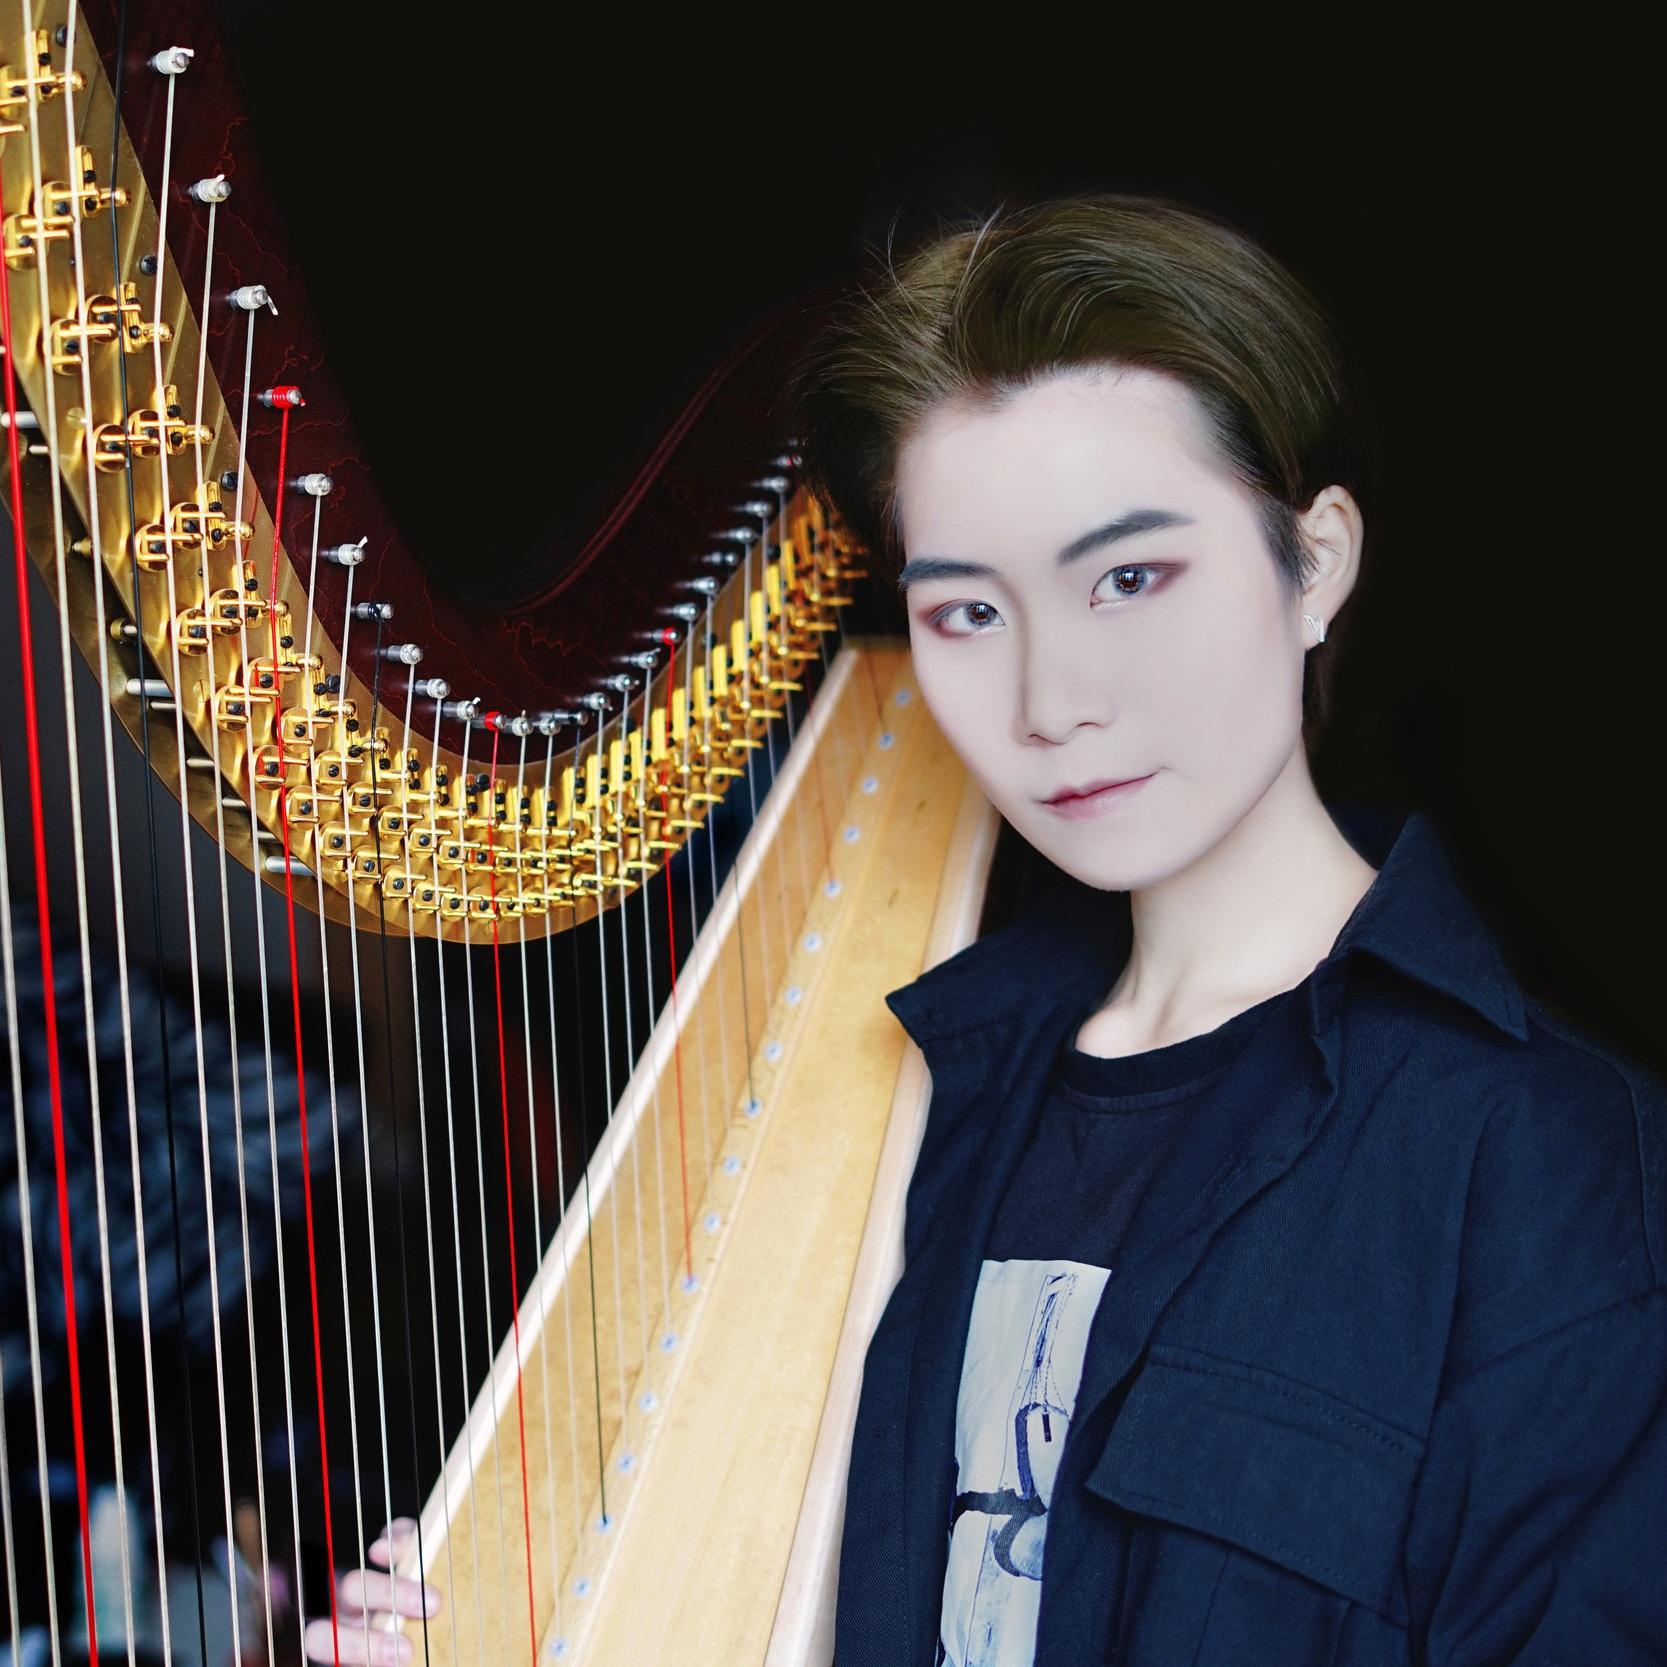 Zhang%2C+Xinyue+-+Photo+2.jpg